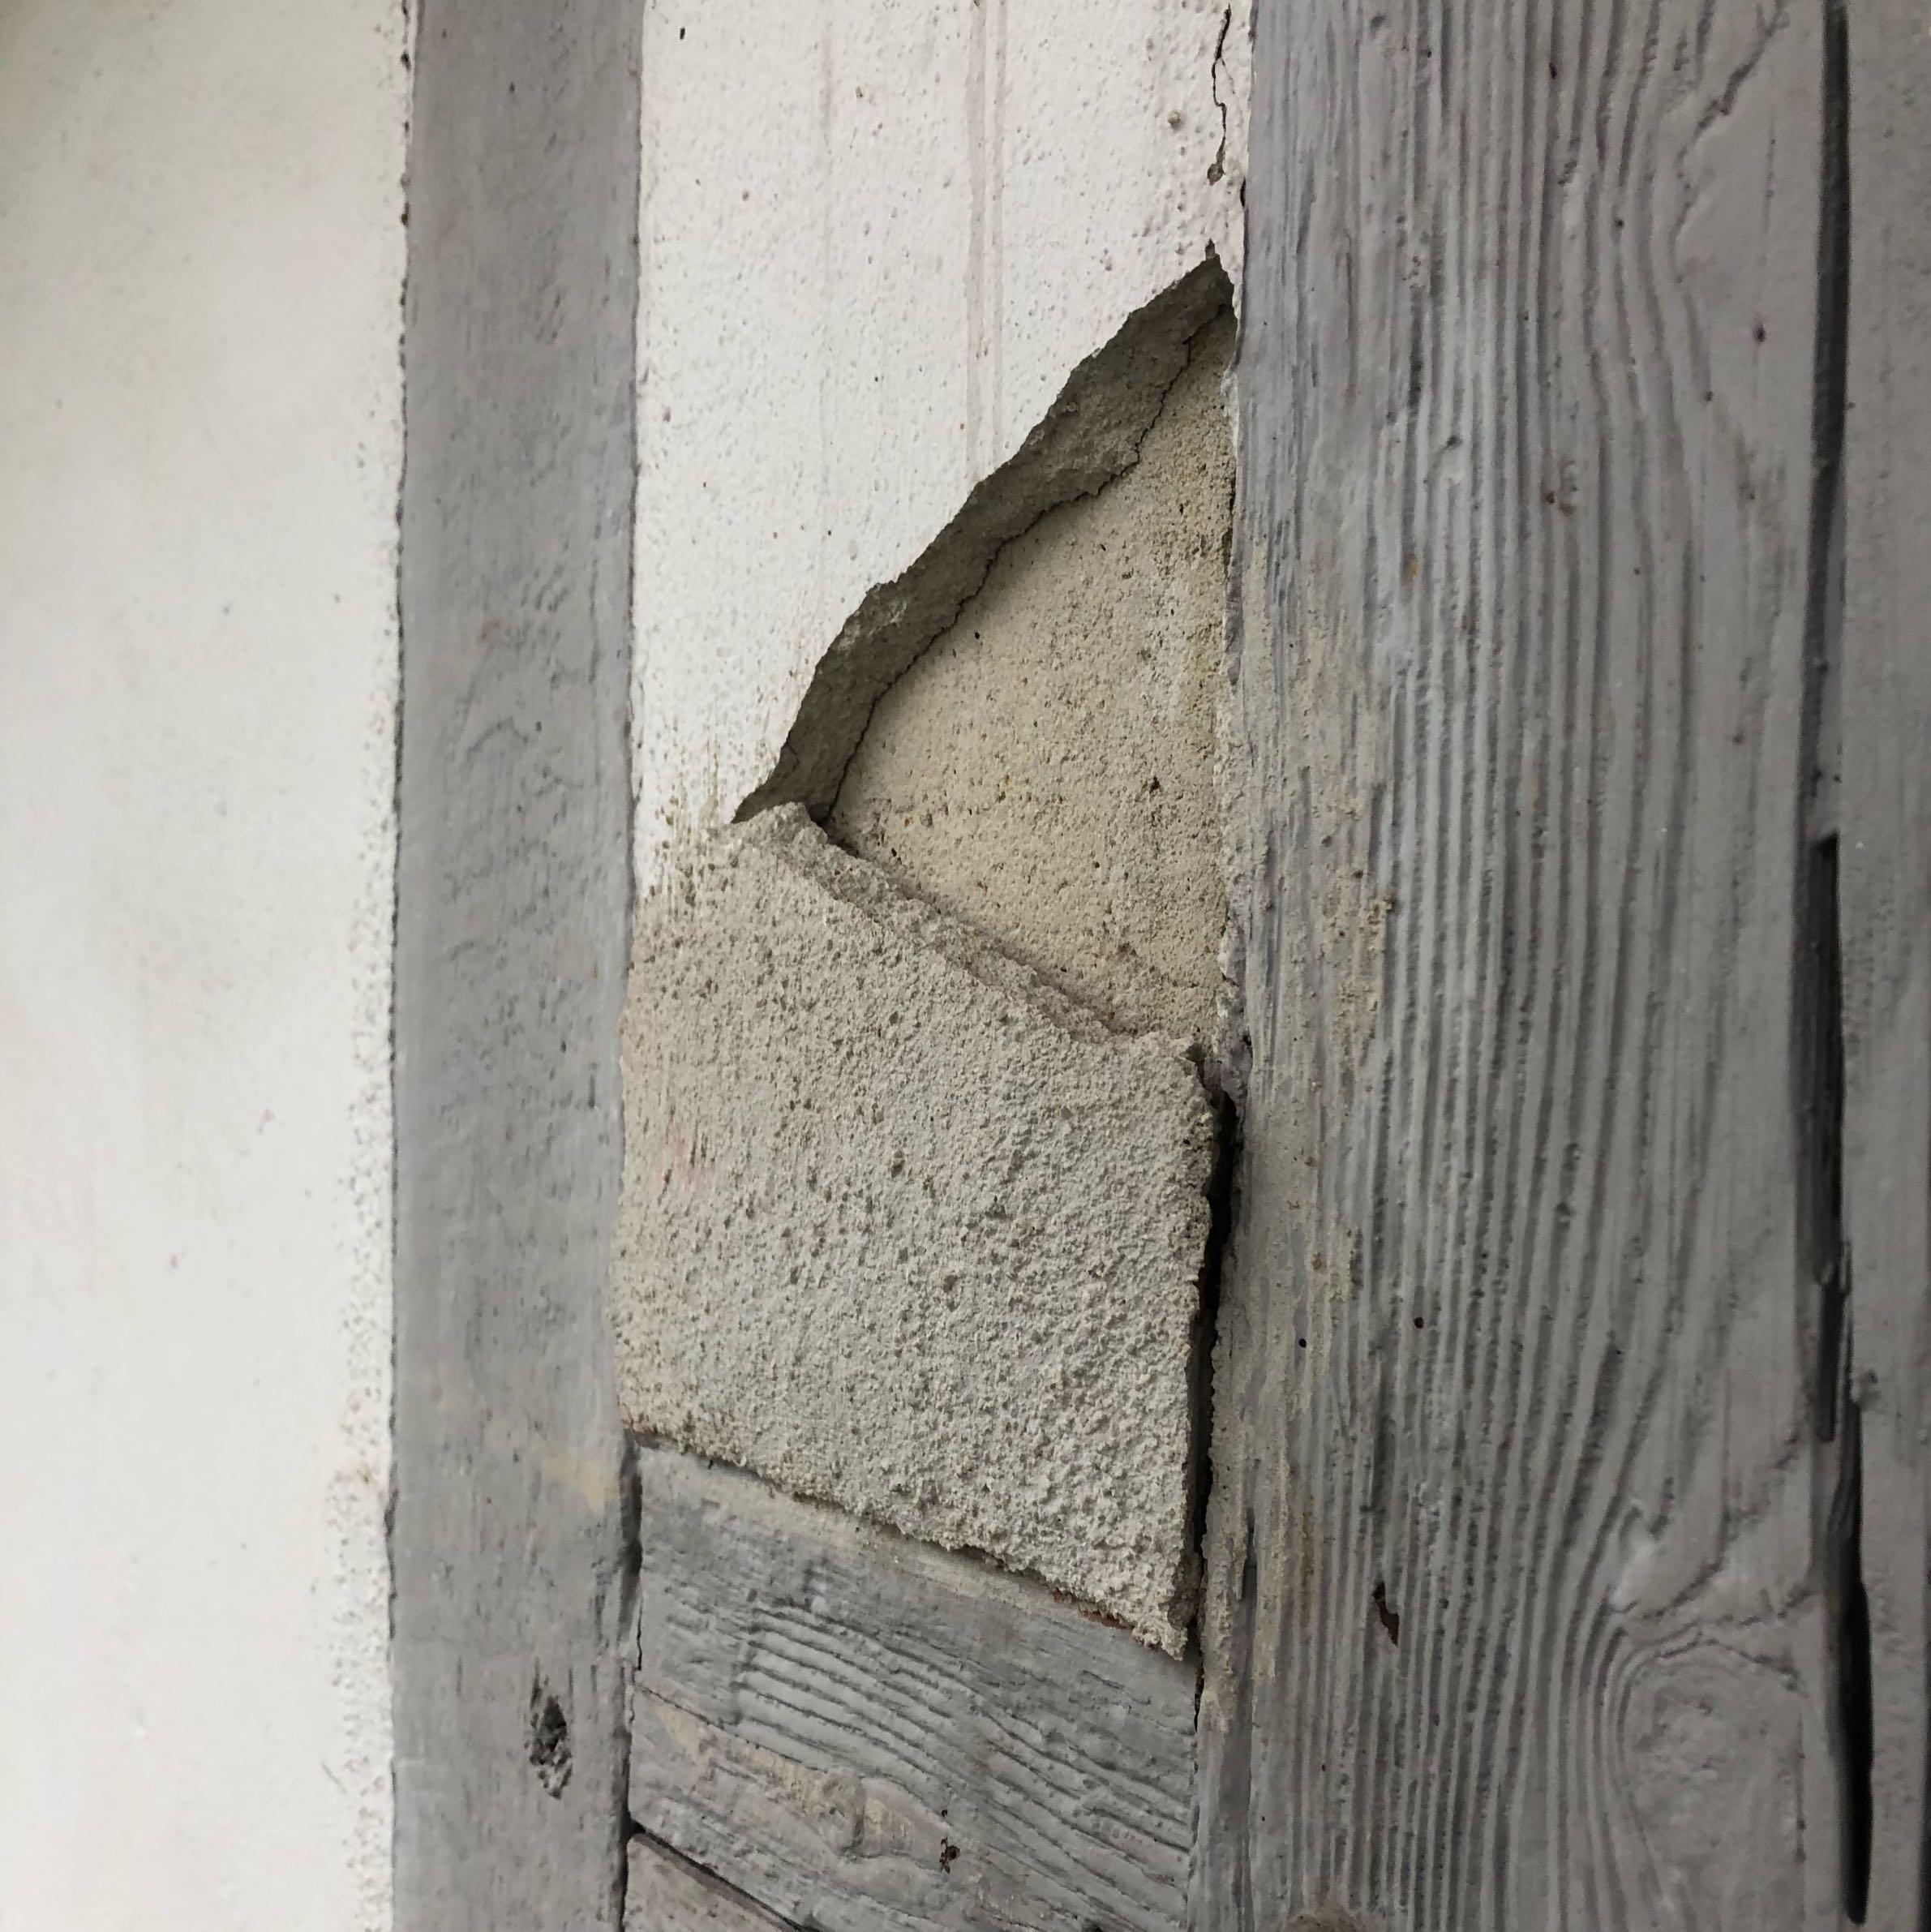 mit welchem material kann ich die fassade ausbessern? (fachwerk)